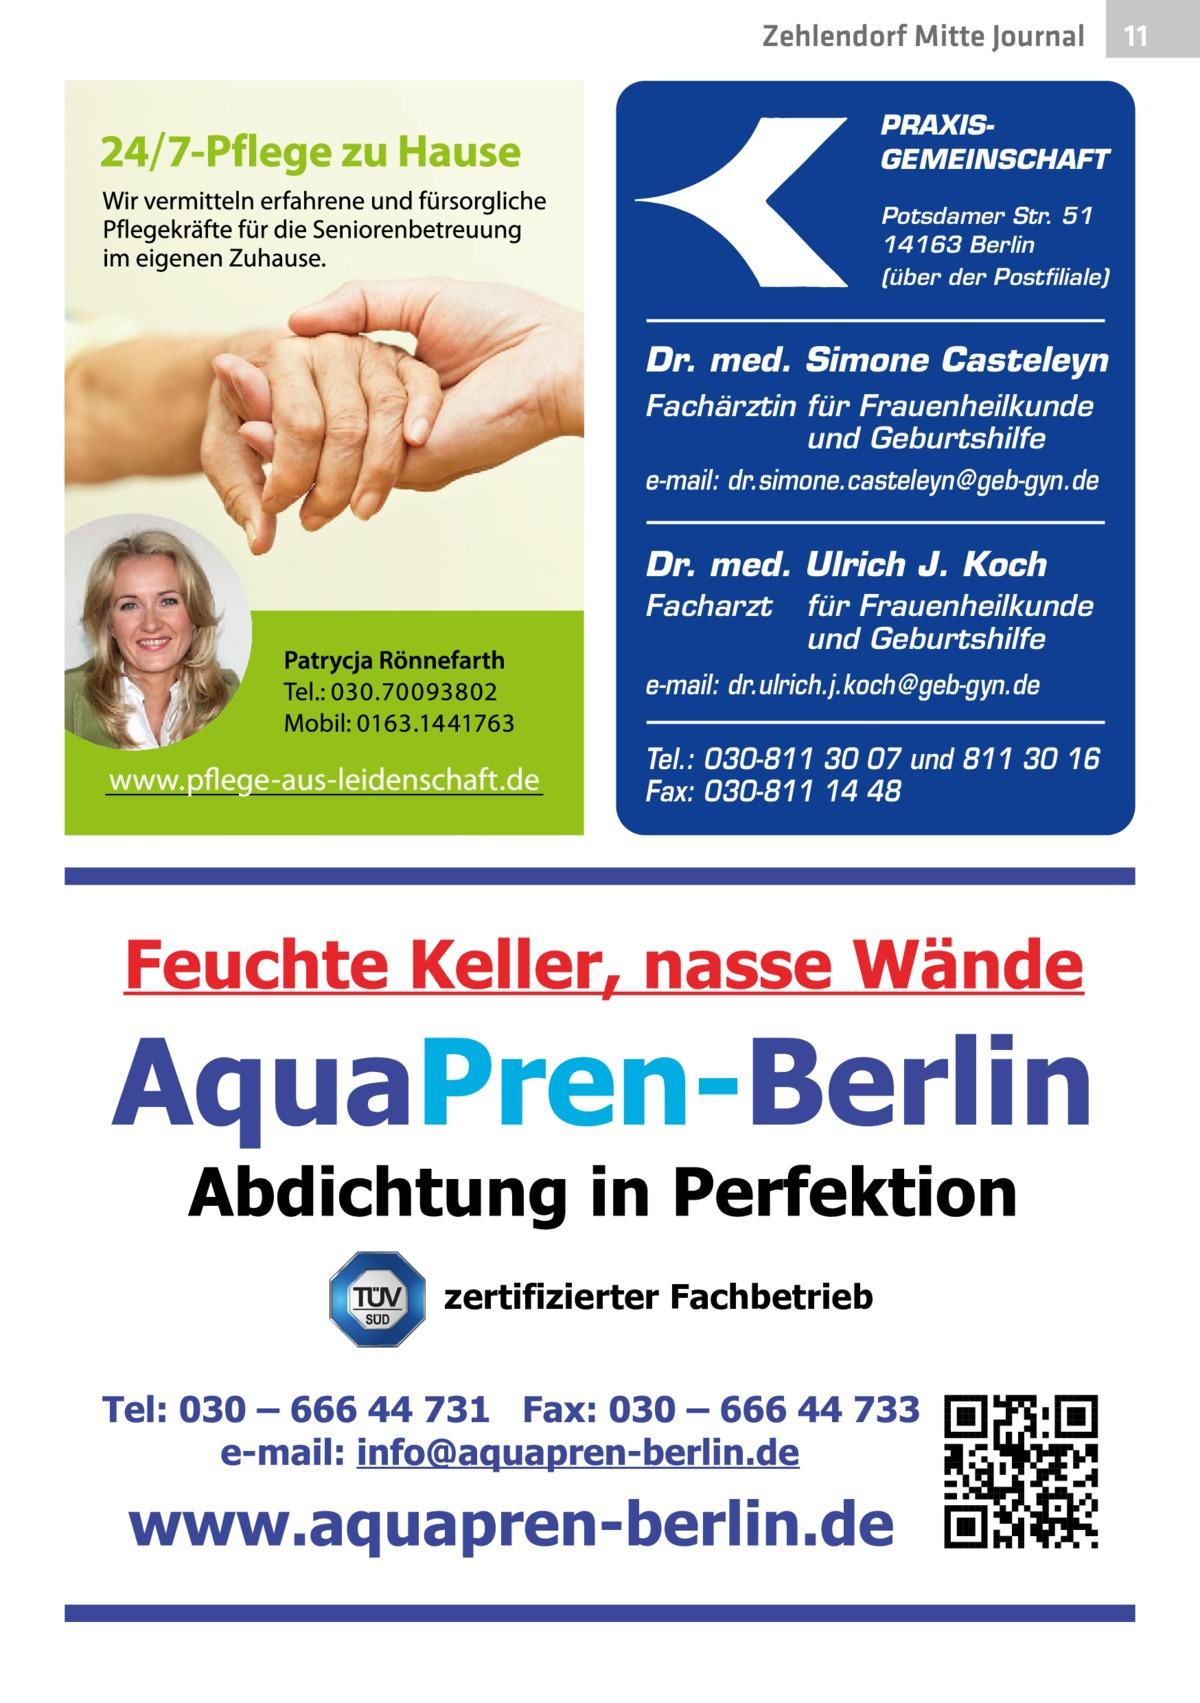 Zehlendorf Mitte Gesundheit Journal PRAXISGEMEINSCHAFT Potsdamer Str. 51 14163 Berlin (über der Postfiliale)  Dr. med. Simone Casteleyn Fachärztin für Frauenheilkunde und Geburtshilfe e-mail: dr.simone.casteleyn@geb-gyn.de  Dr. med. Ulrich J. Koch Facharzt  für Frauenheilkunde und Geburtshilfe  e-mail: dr.ulrich.j.koch@geb-gyn.de  Tel.: 030-811 30 07 und 811 30 16 Fax: 030-811 14 48  zertifizierter Fachbetrieb  11